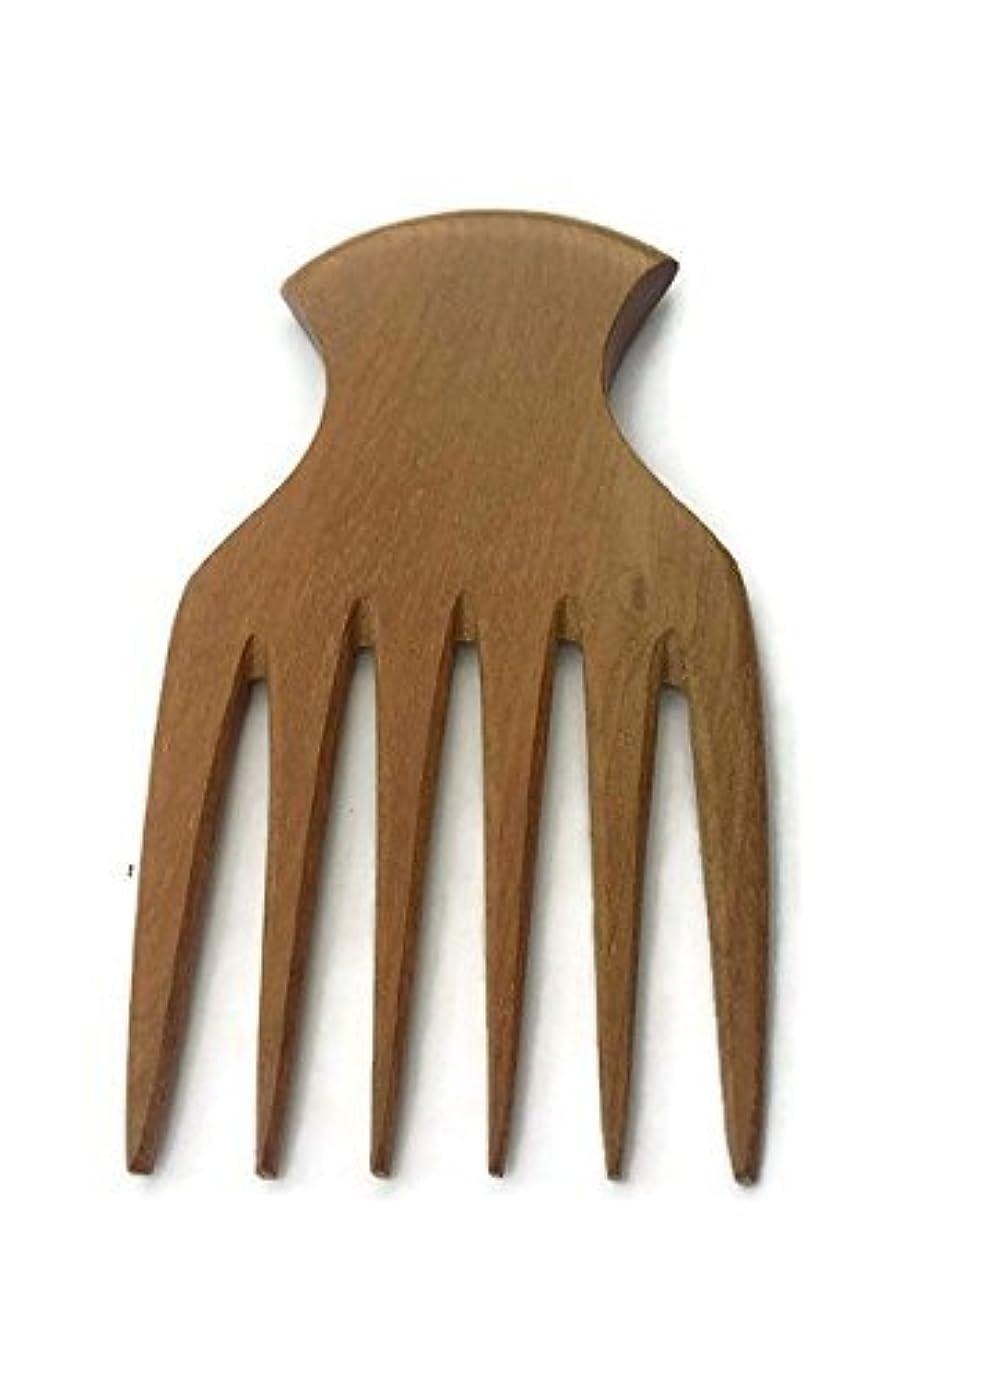 結果としてカートン放棄されたPlai Na natural wood comb afro pick handmade for thick and curly hair [並行輸入品]